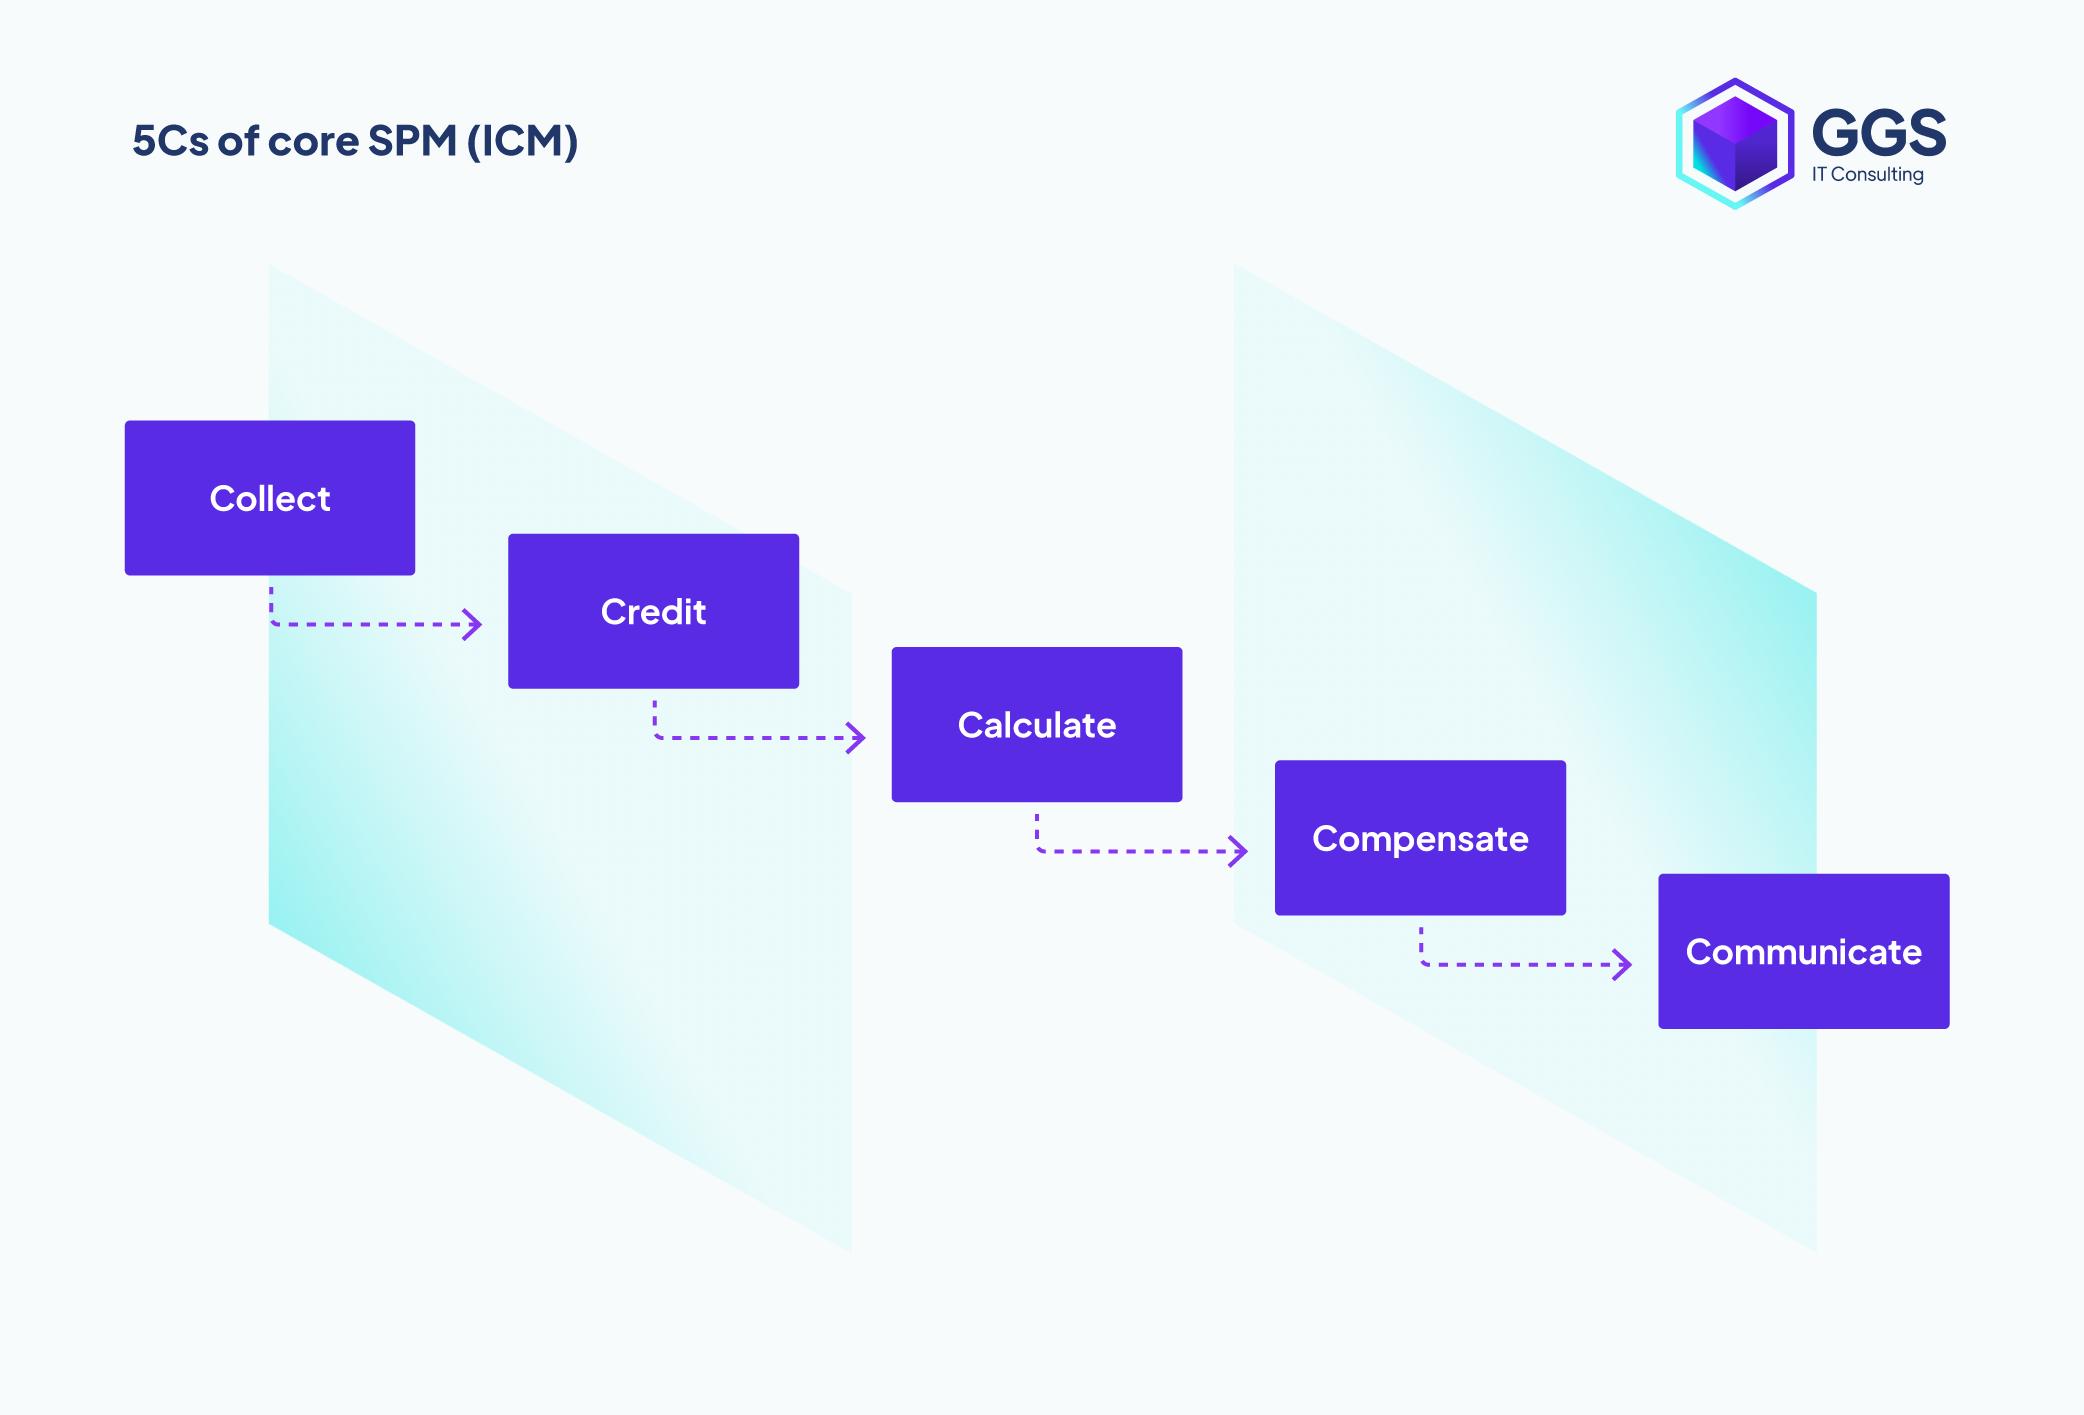 5Cs of core SM (ICM)